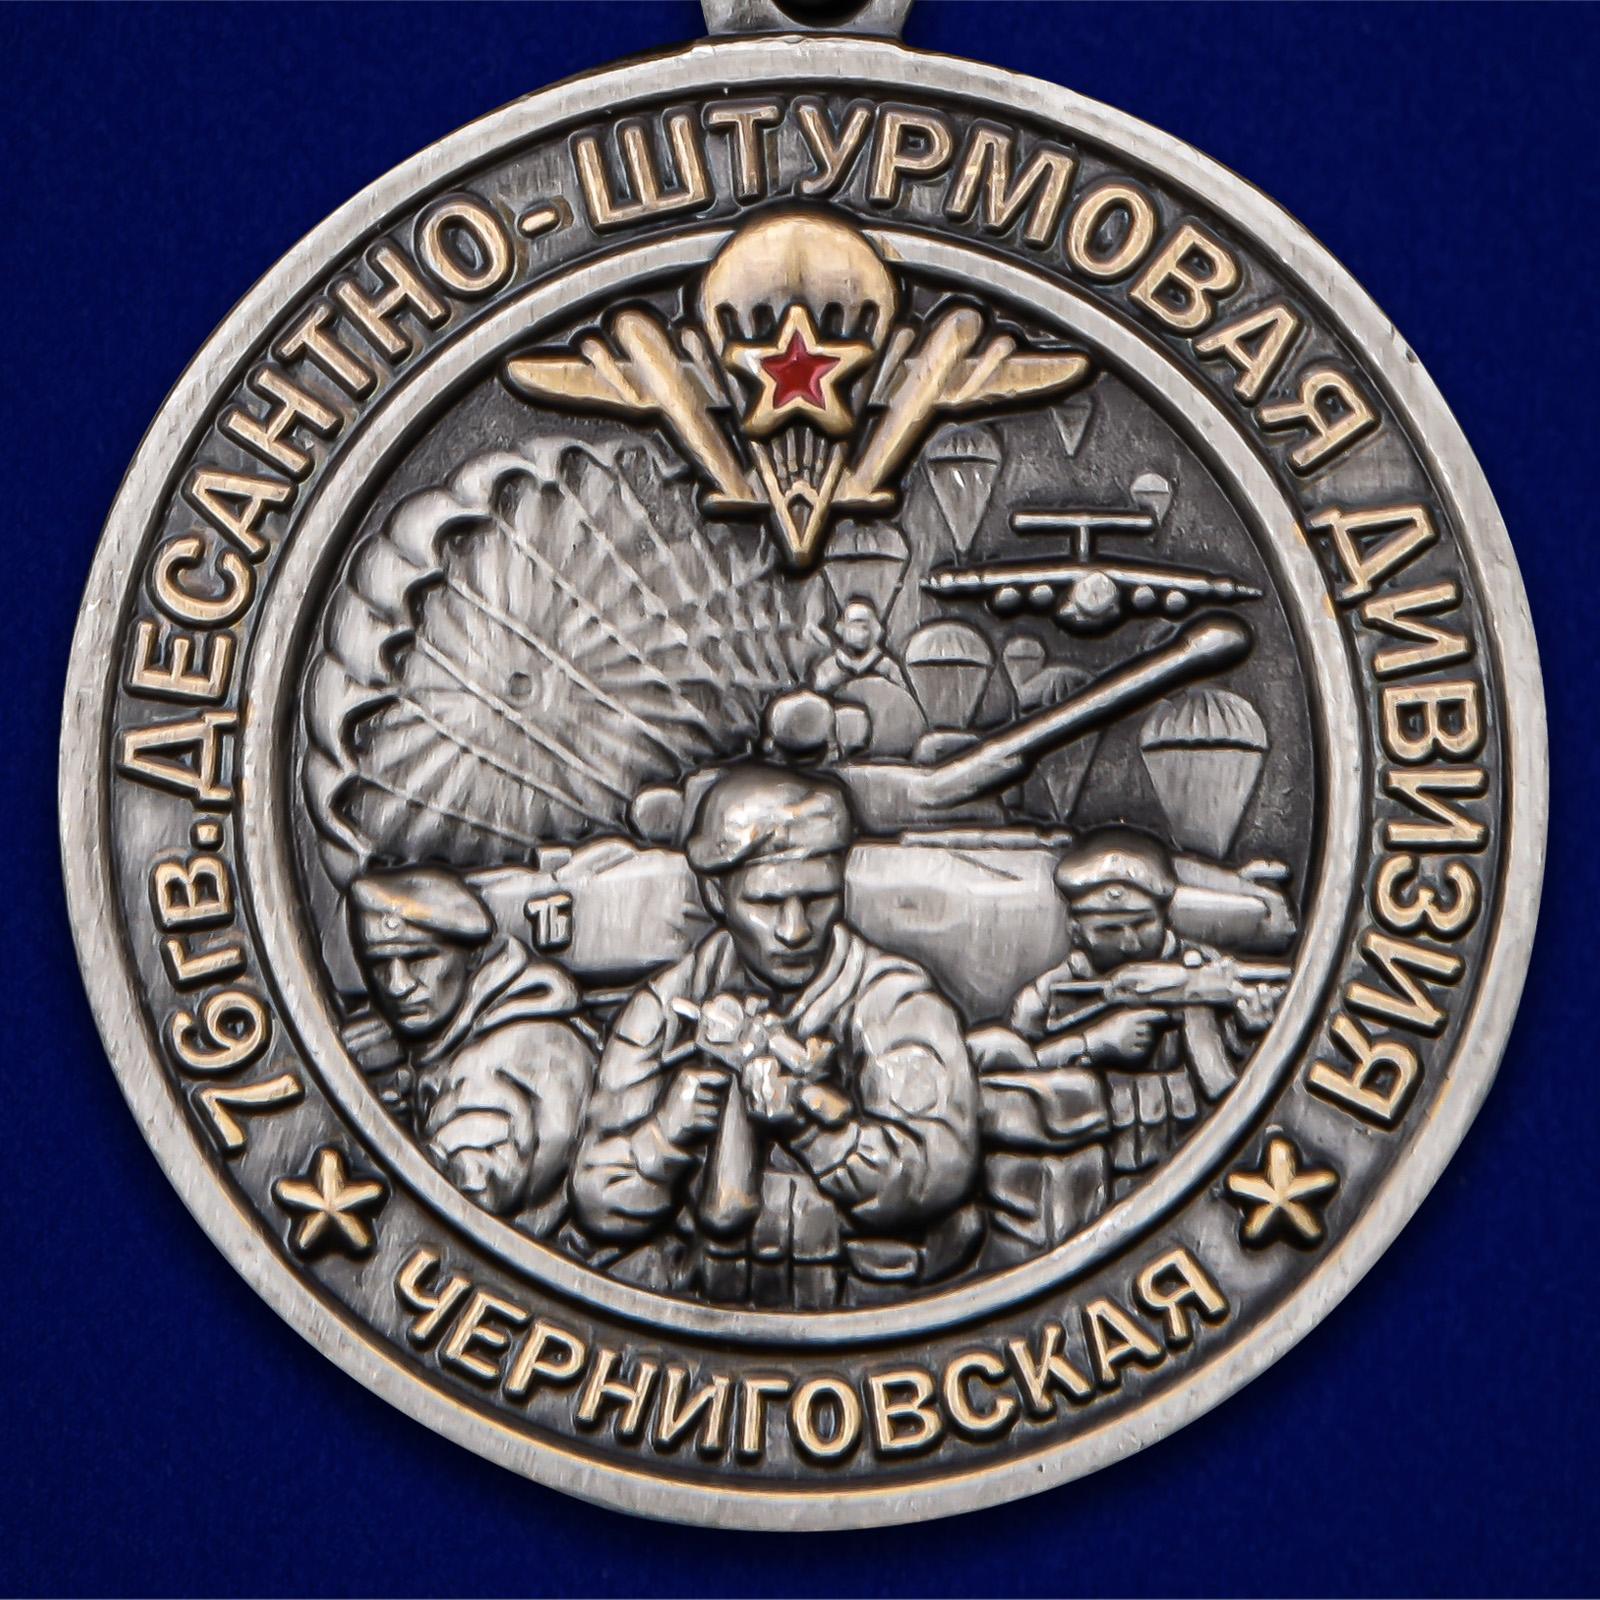 Латунная медаль 76-я гв. Десантно-штурмовая дивизия